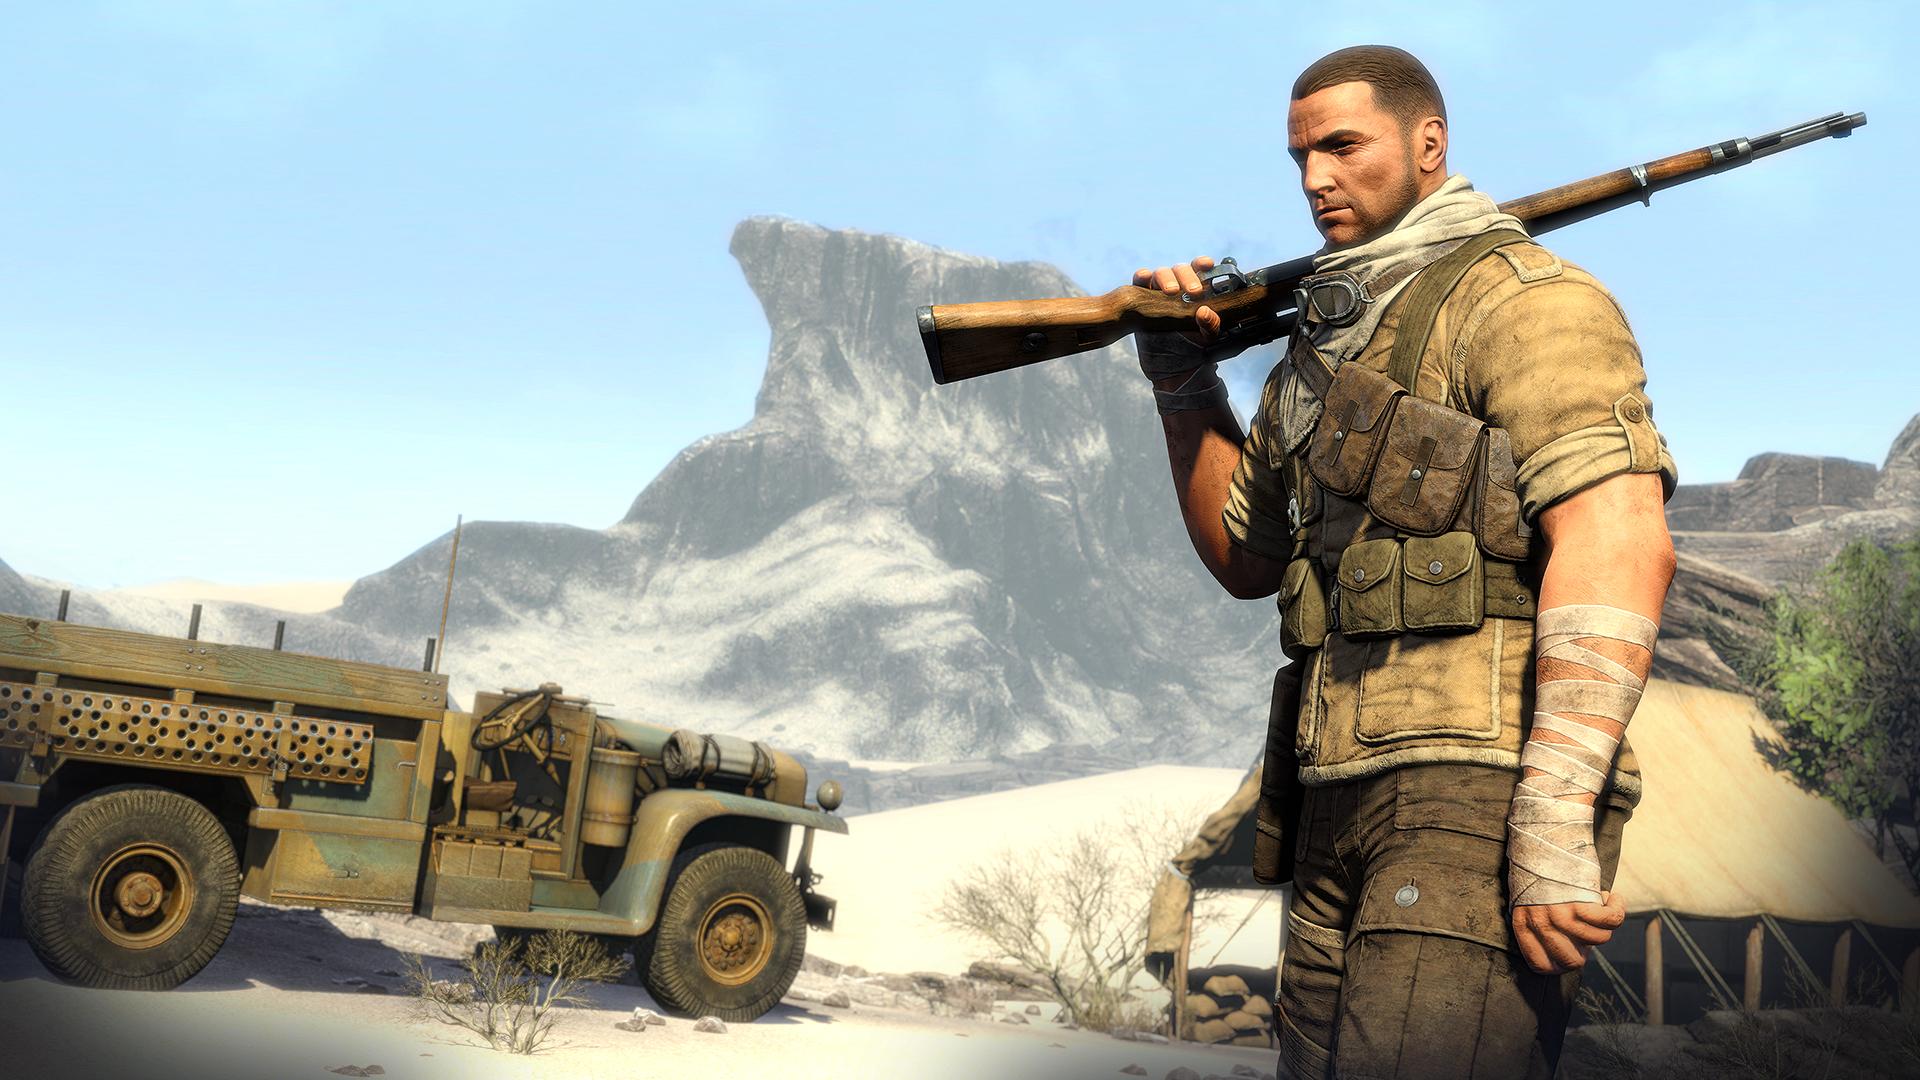 Sniper Elite 3 wallpaper 1920x1080 79079 1920x1080